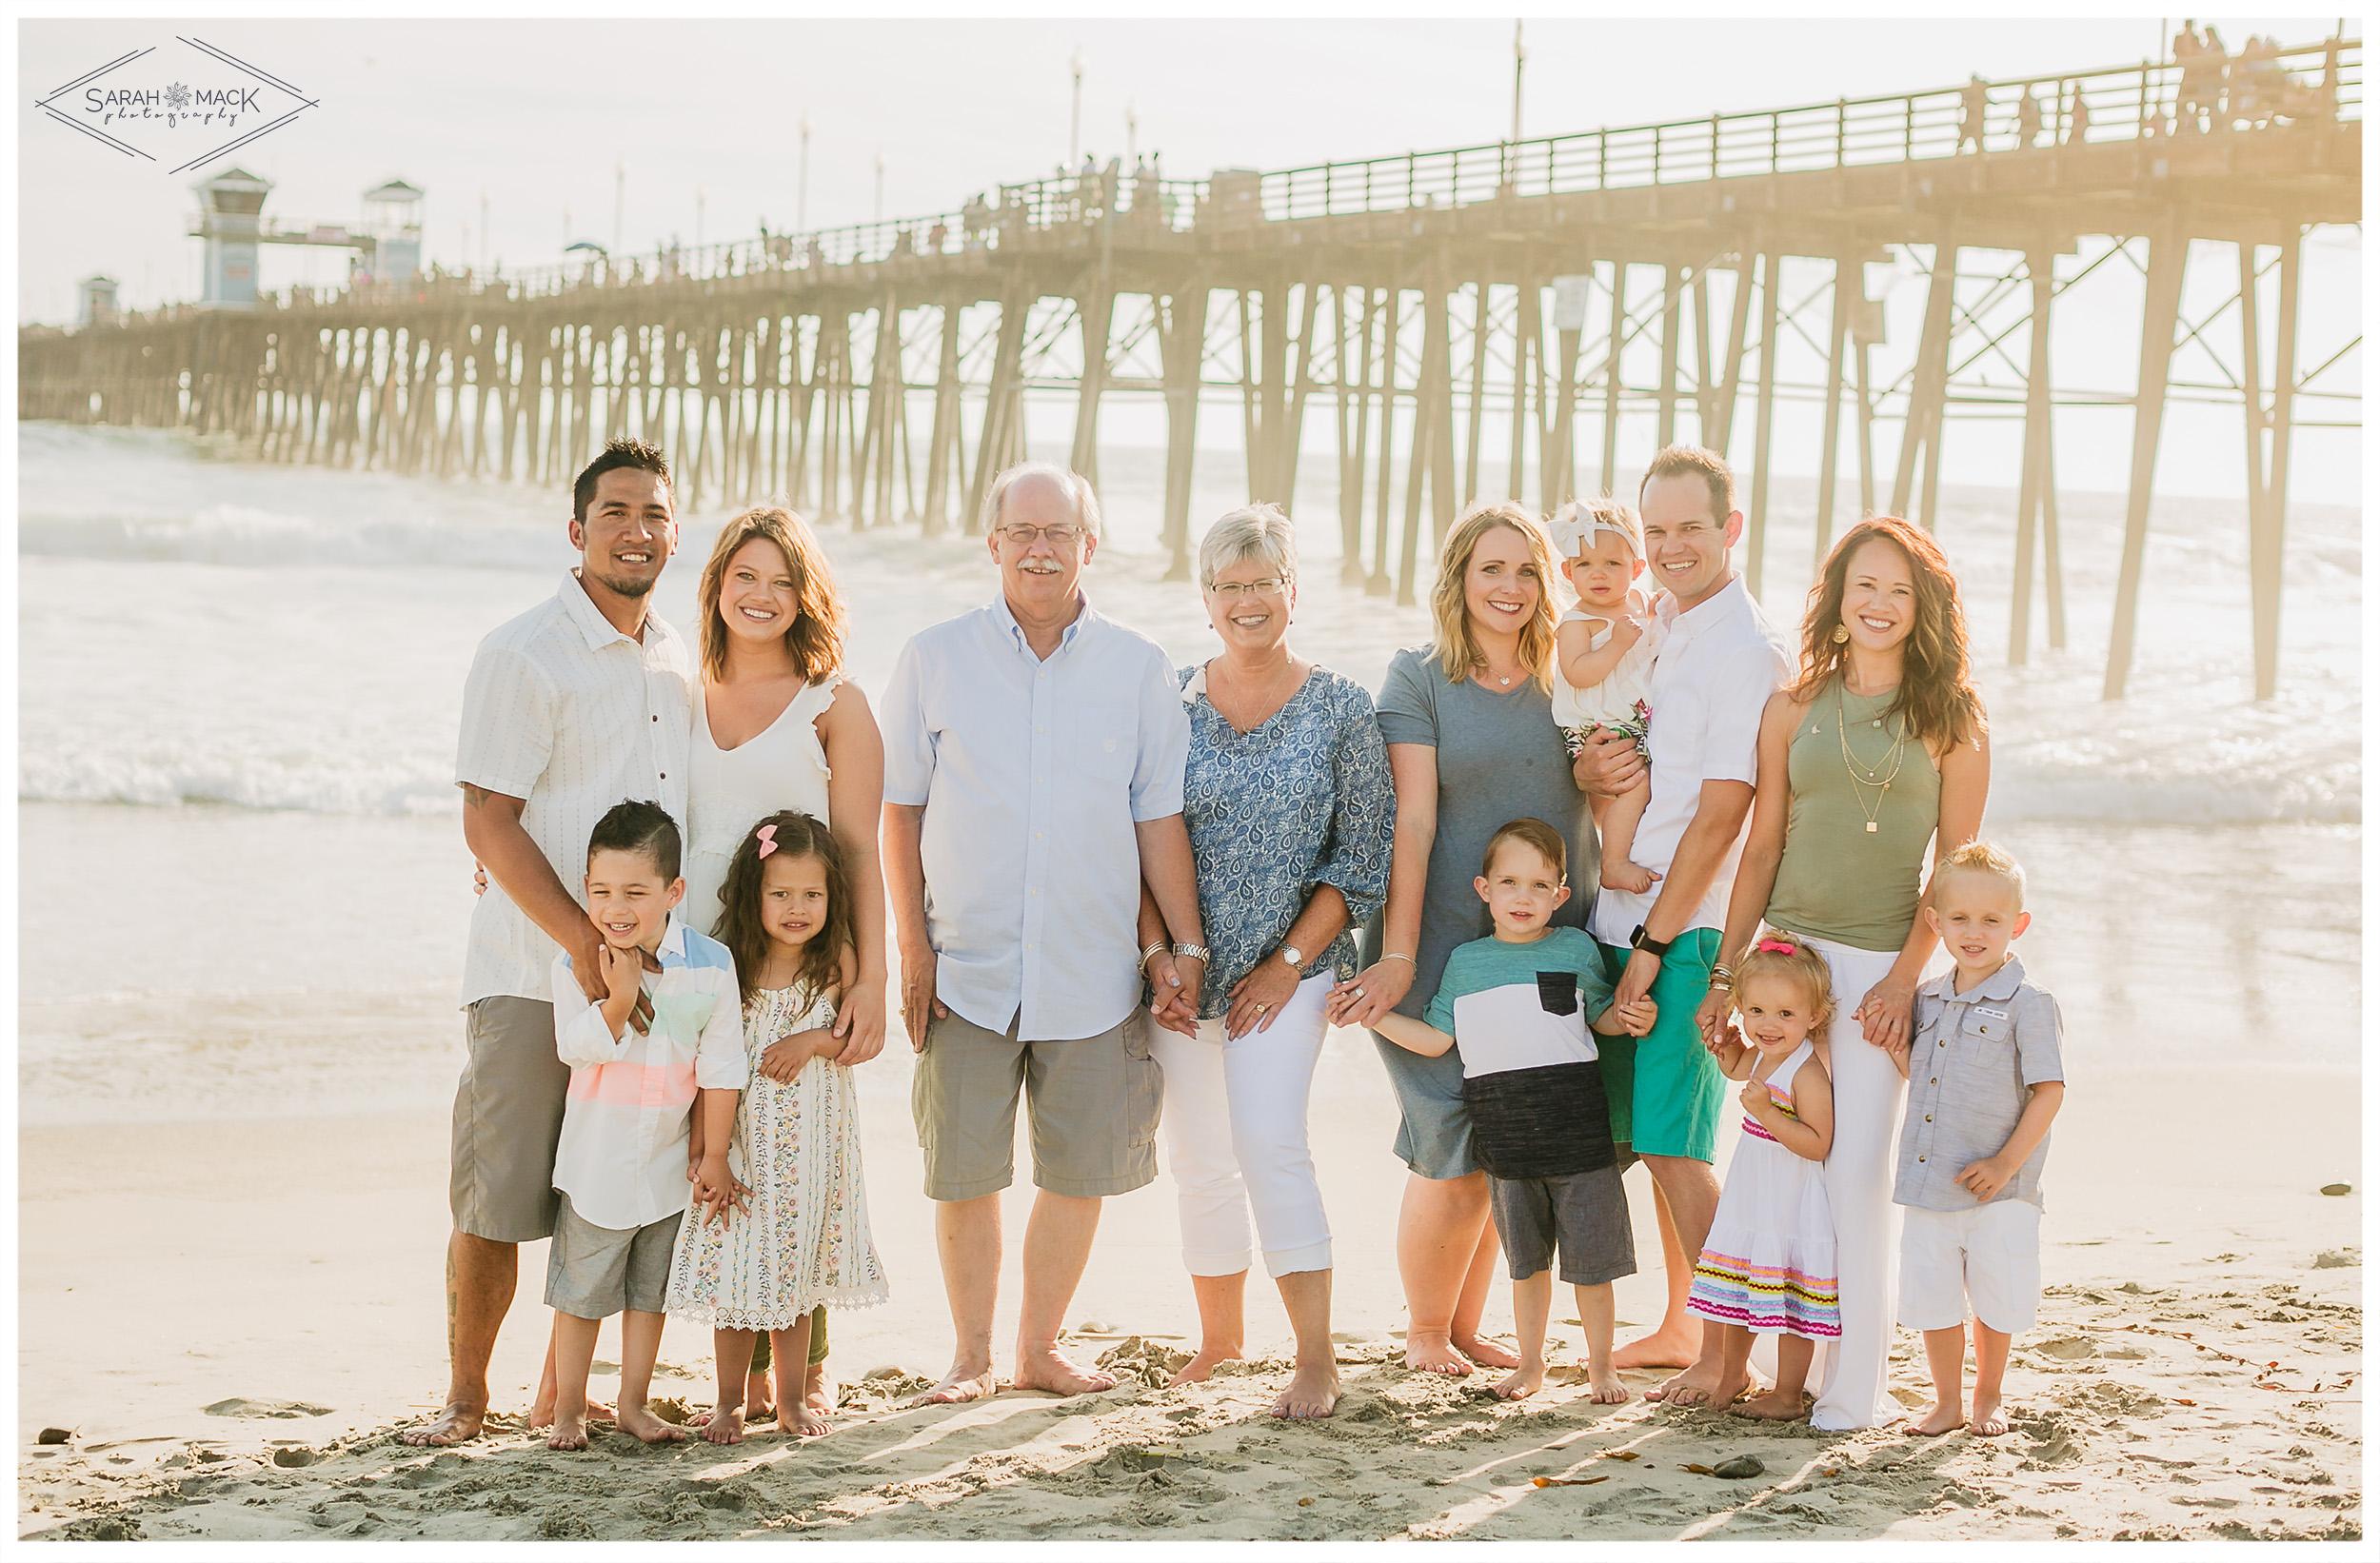 BP-Orange-County-Family-Photography-Oceanside-Pier-1.jpg